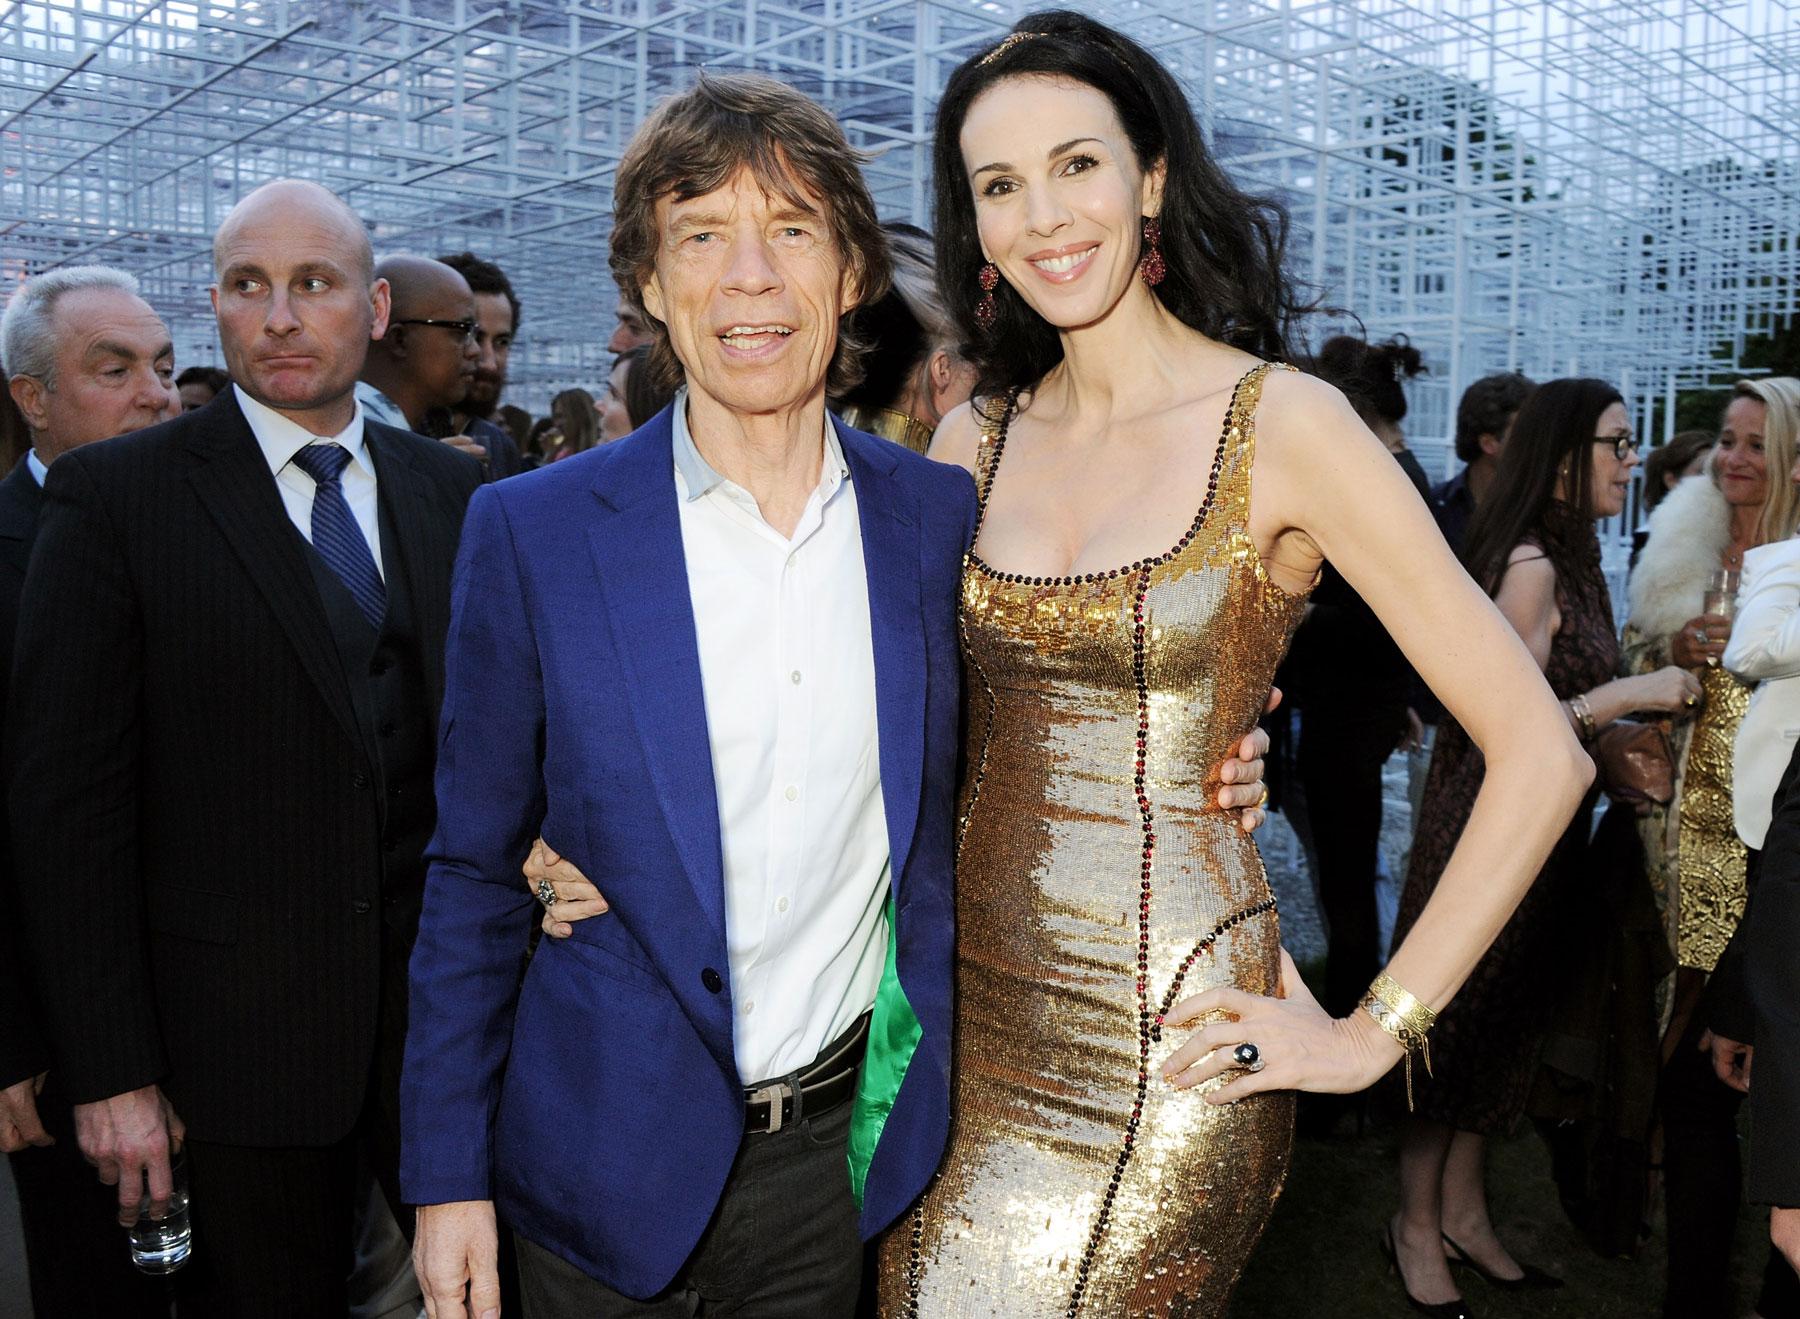 Mick Jagger And L Wren Scott